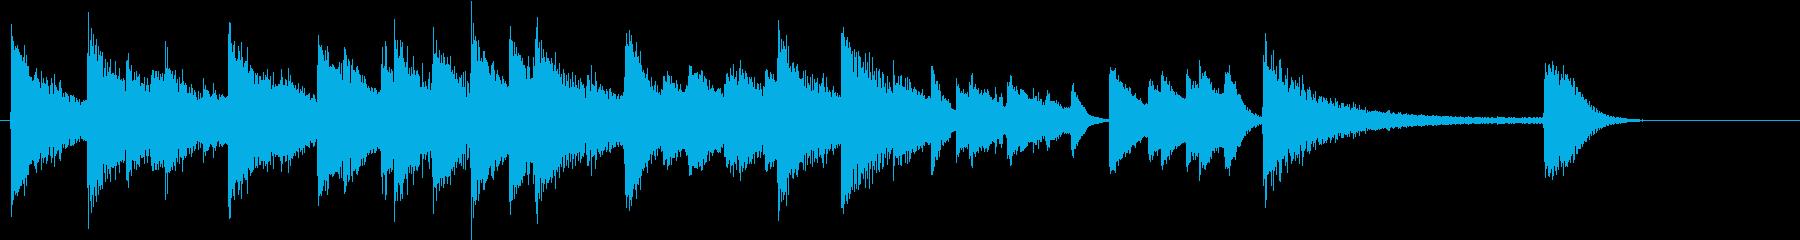 Xmasに♪世界に告げよピアノジングルEの再生済みの波形